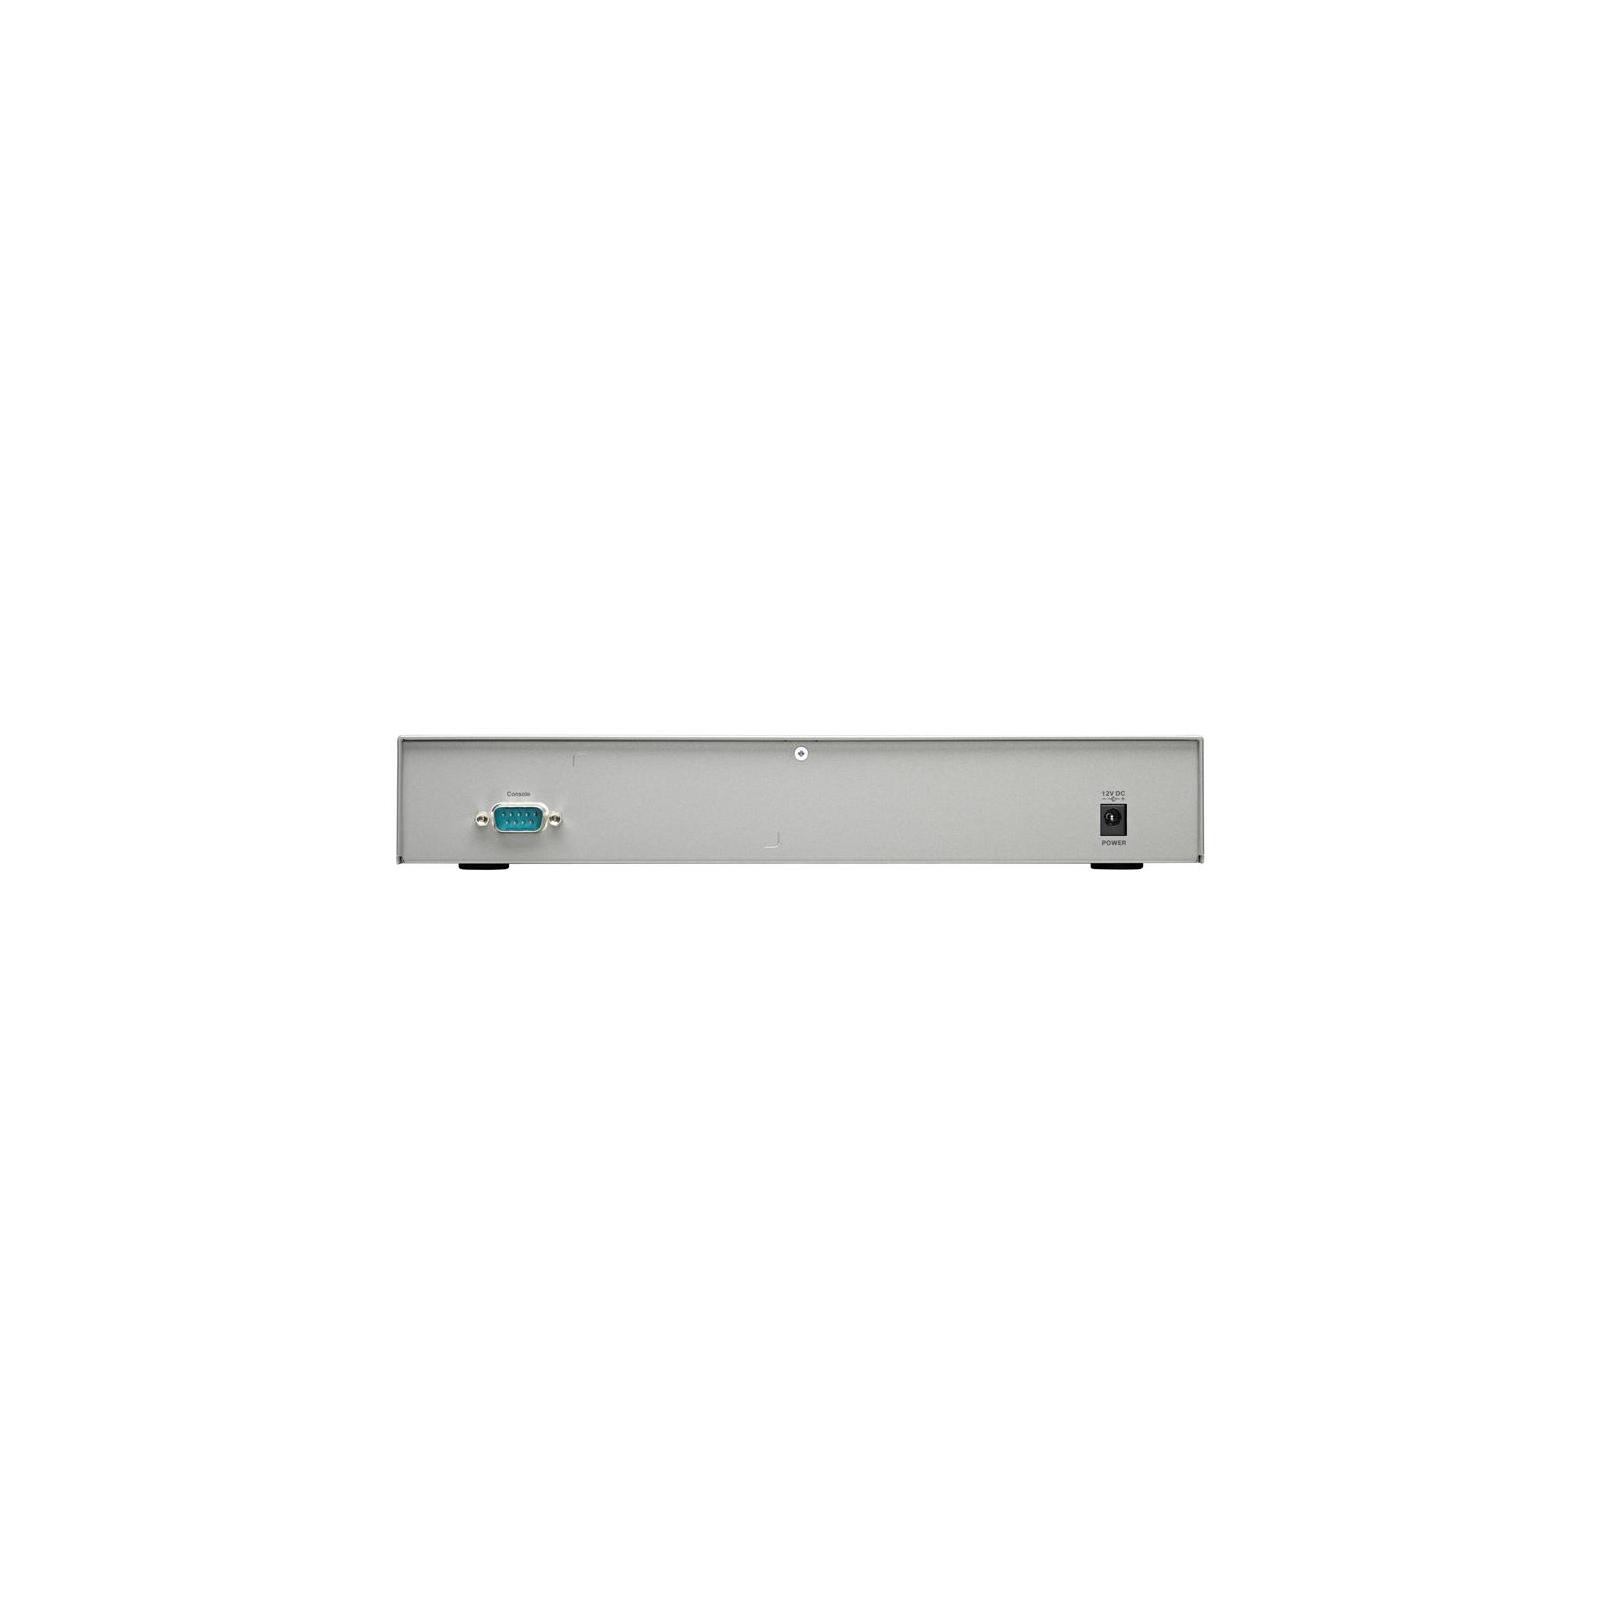 Коммутатор сетевой Cisco SF300-08 (SRW208-K9-G5) изображение 2